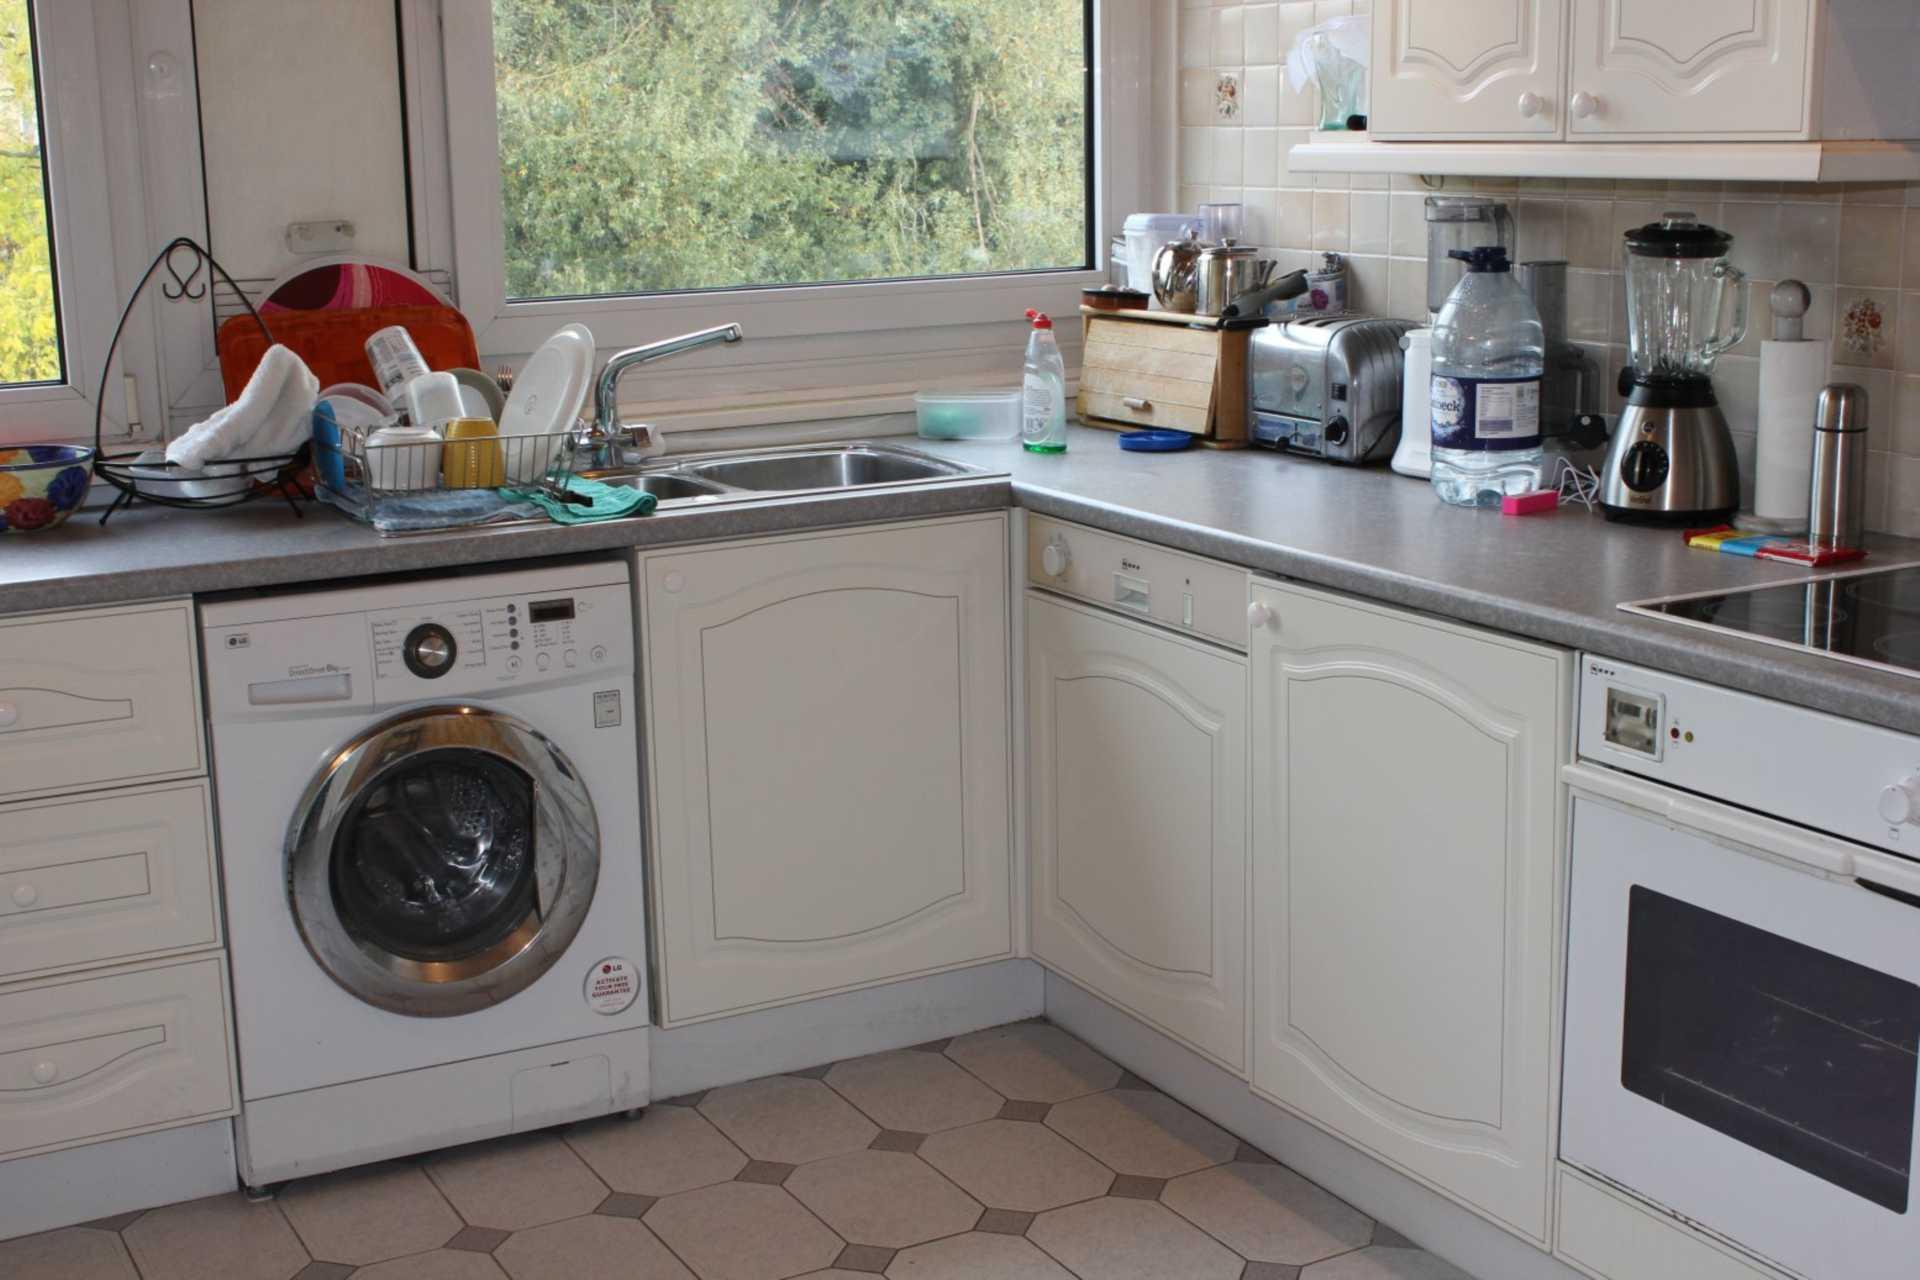 Burwood Marsh - 3 Bedroom Maisonette, Siskin House, Surrey Quays, SE16 2NL